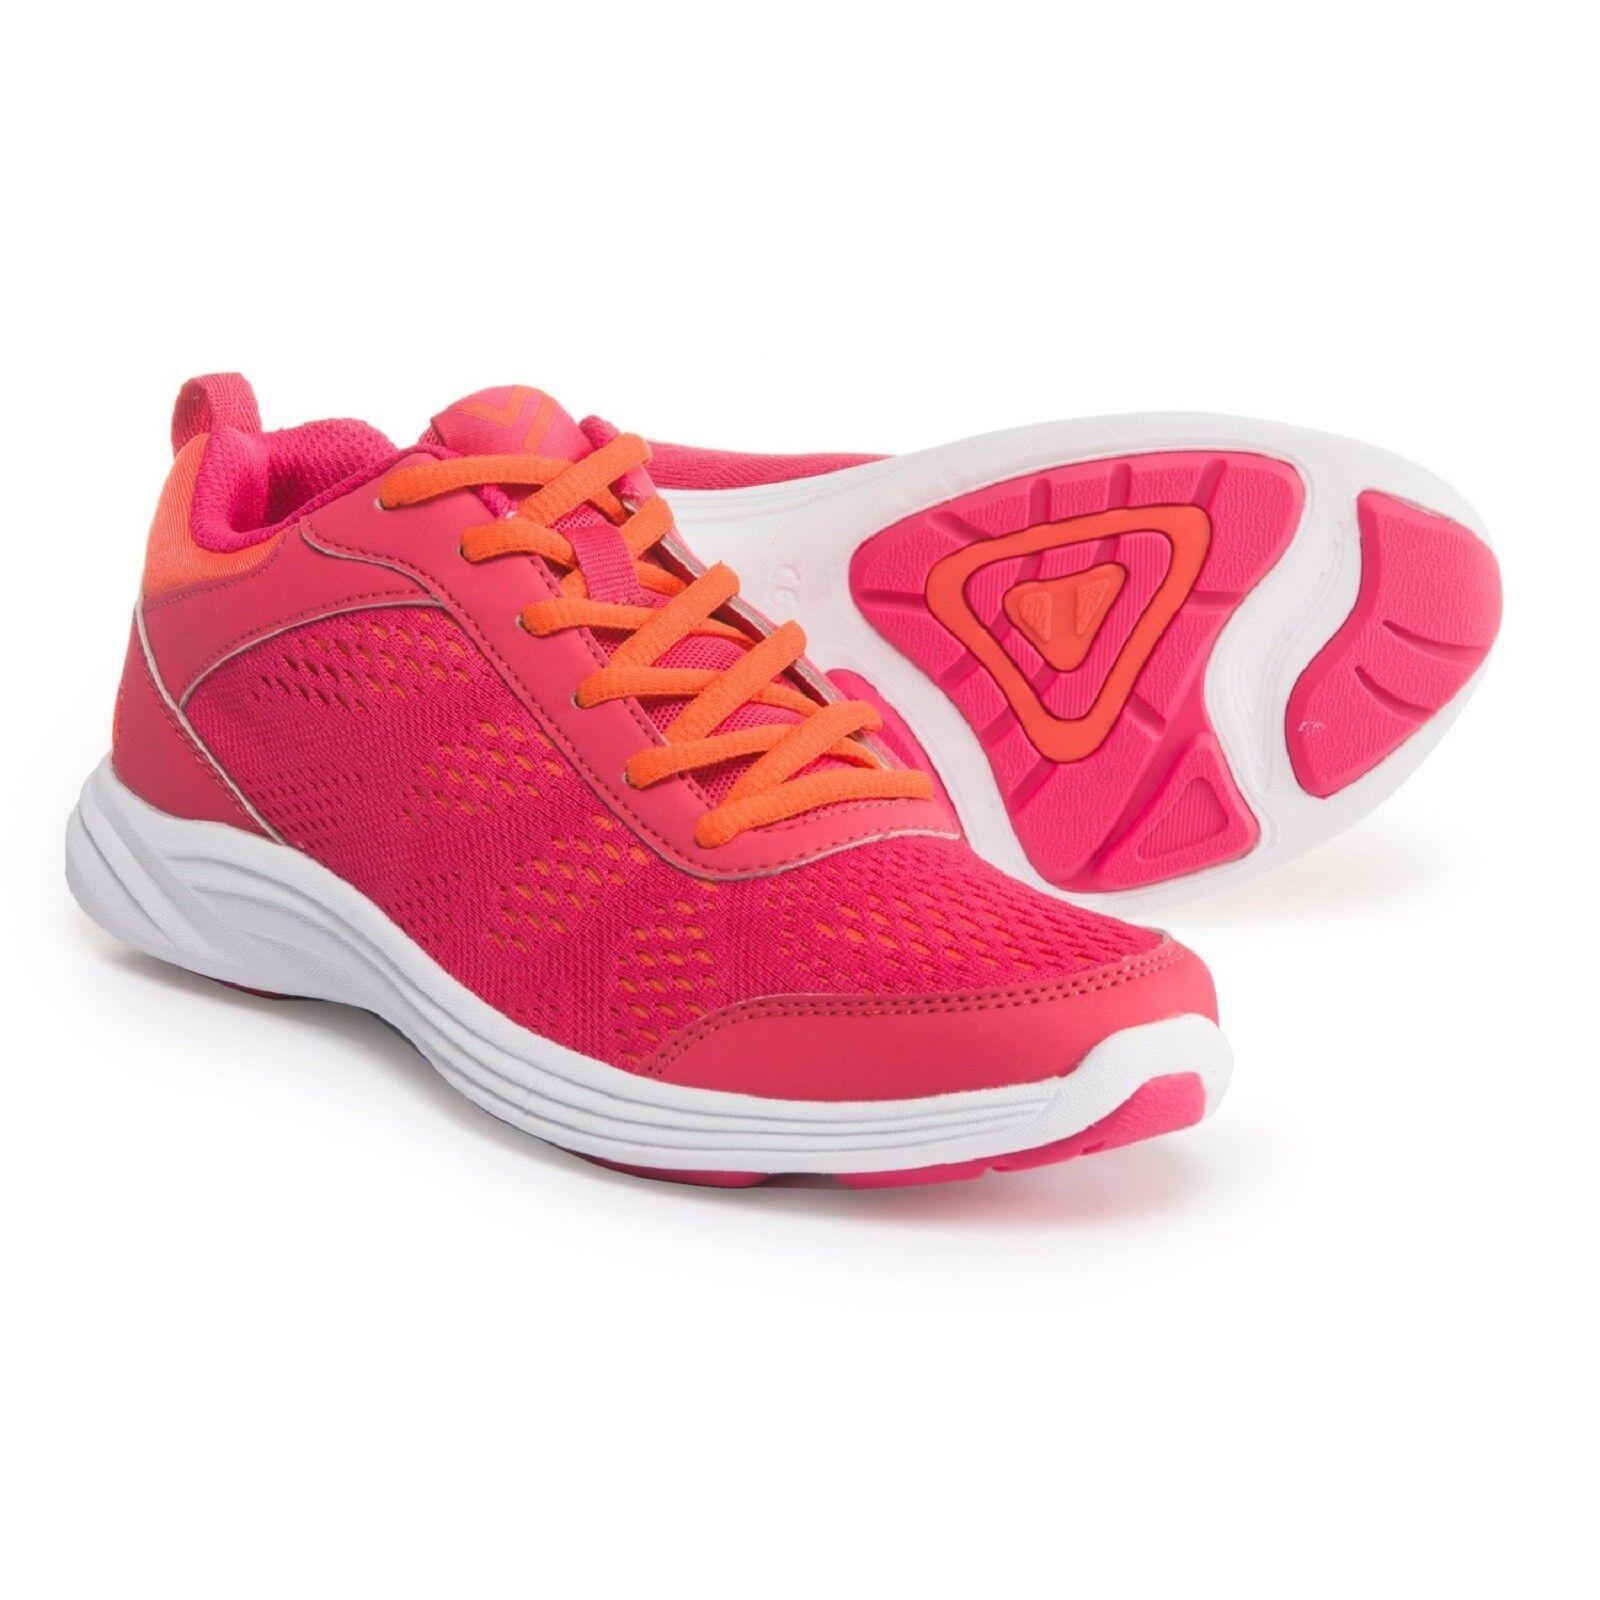 Vionic Damas ágil Azafrán Con Cordones Para Caminar Zapatos Zapatos Zapatos Berry Talla 8.5 de Ancho Nuevo en Caja  80% de descuento